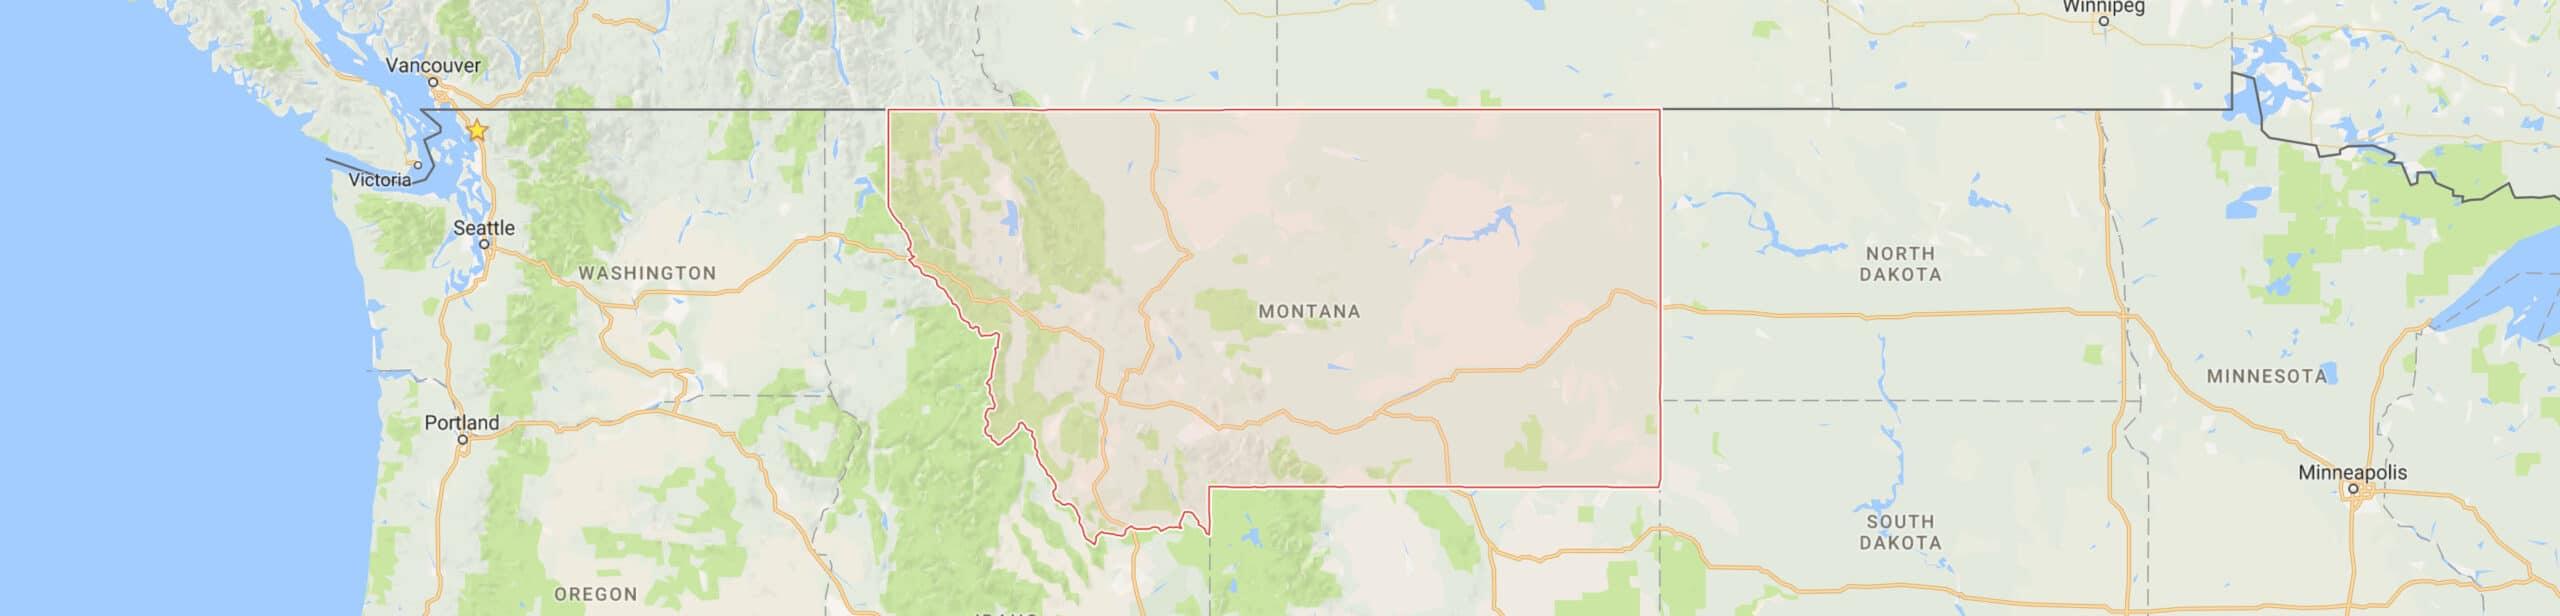 Montana Log Home Restoration and Repair | West Coast Restoration